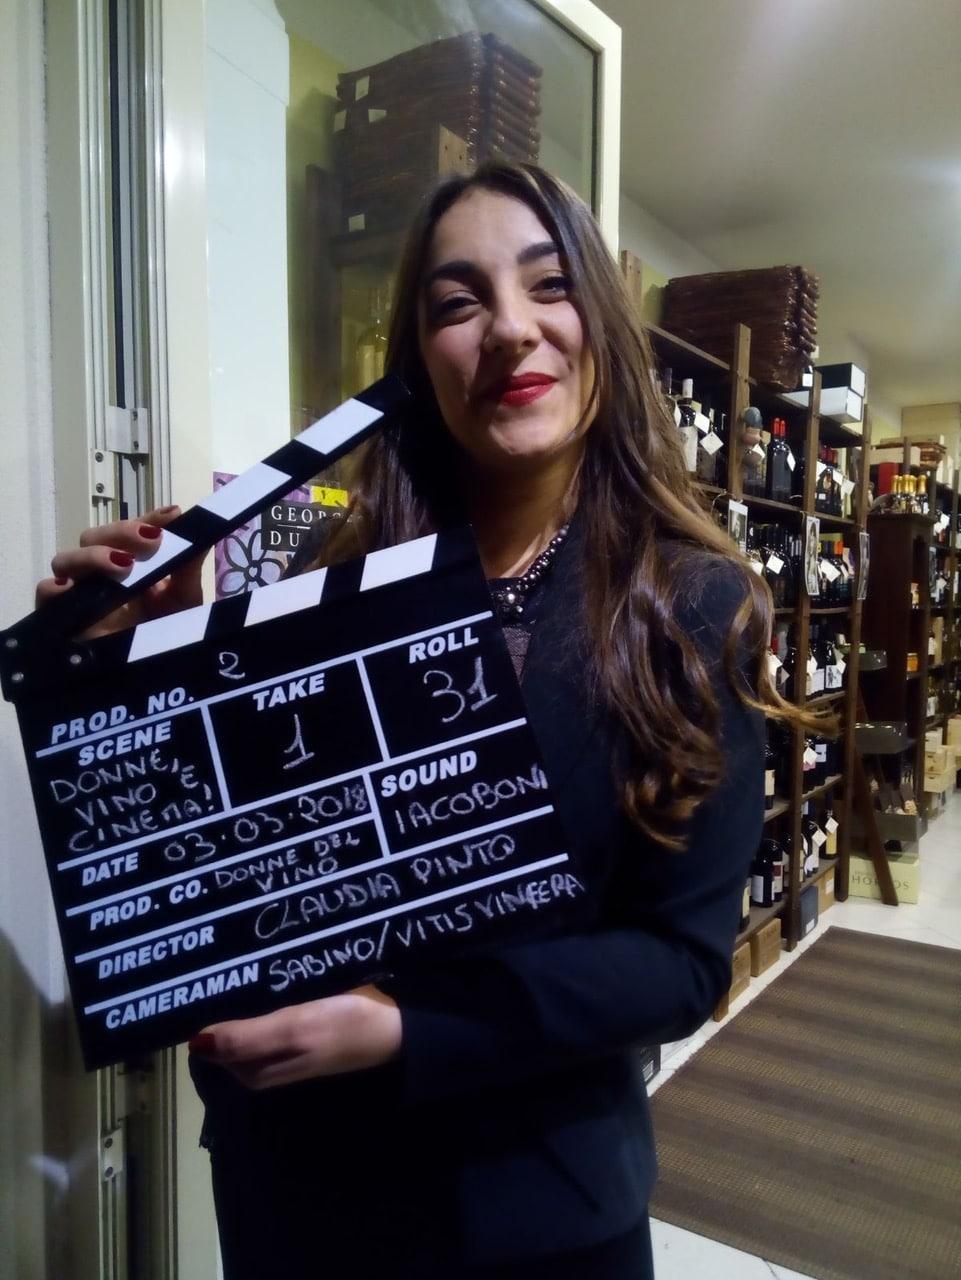 Festa delle Donne del Vino Sardegna Enoteca Vitis Vinifera 3 marzo 2018